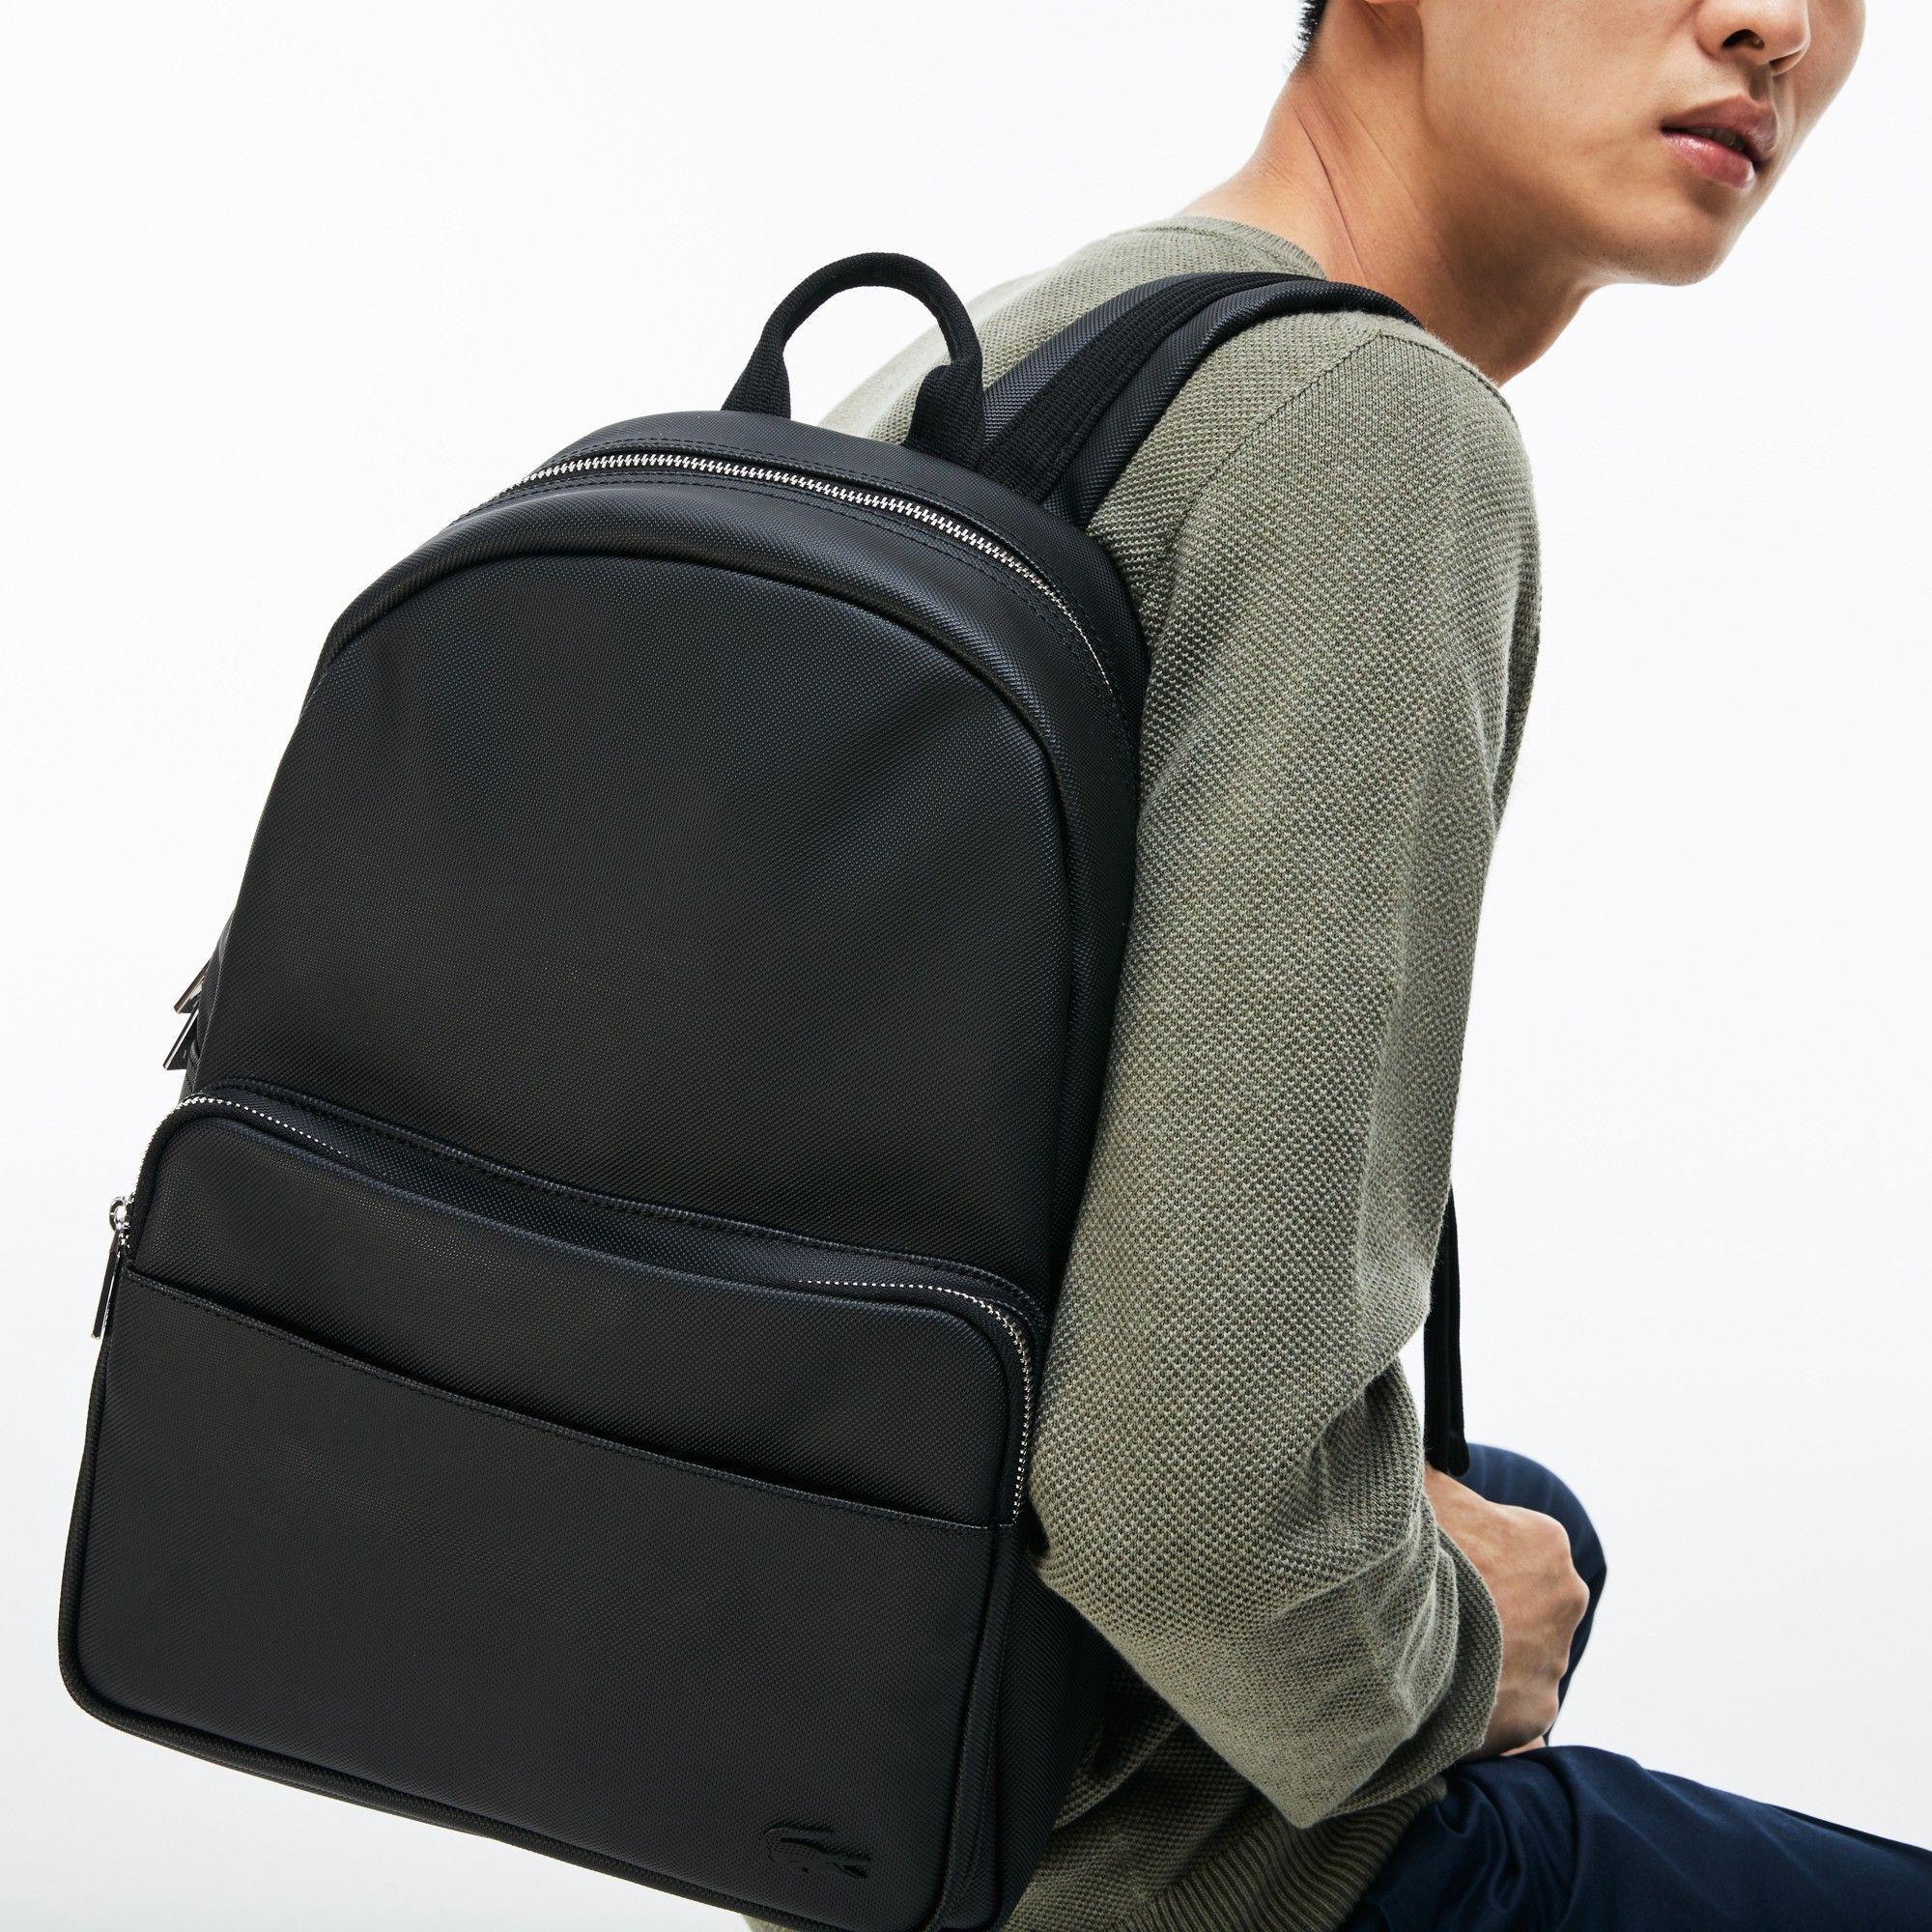 3caae63bf01d LACOSTE Men s Classic Petit Piqué Backpack.  lacoste  bags  pvc  backpacks   cotton